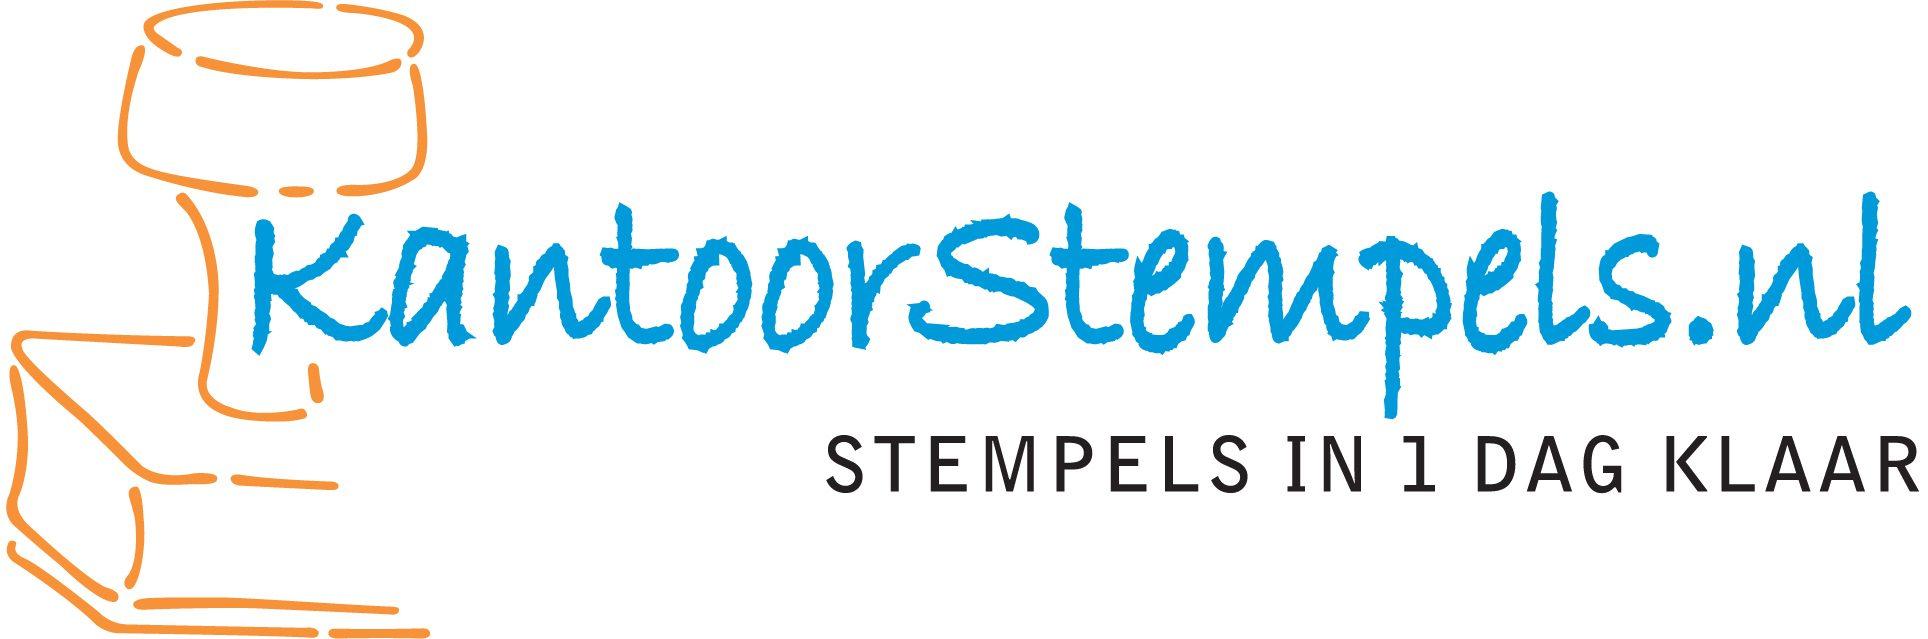 Kantoorstempels logo